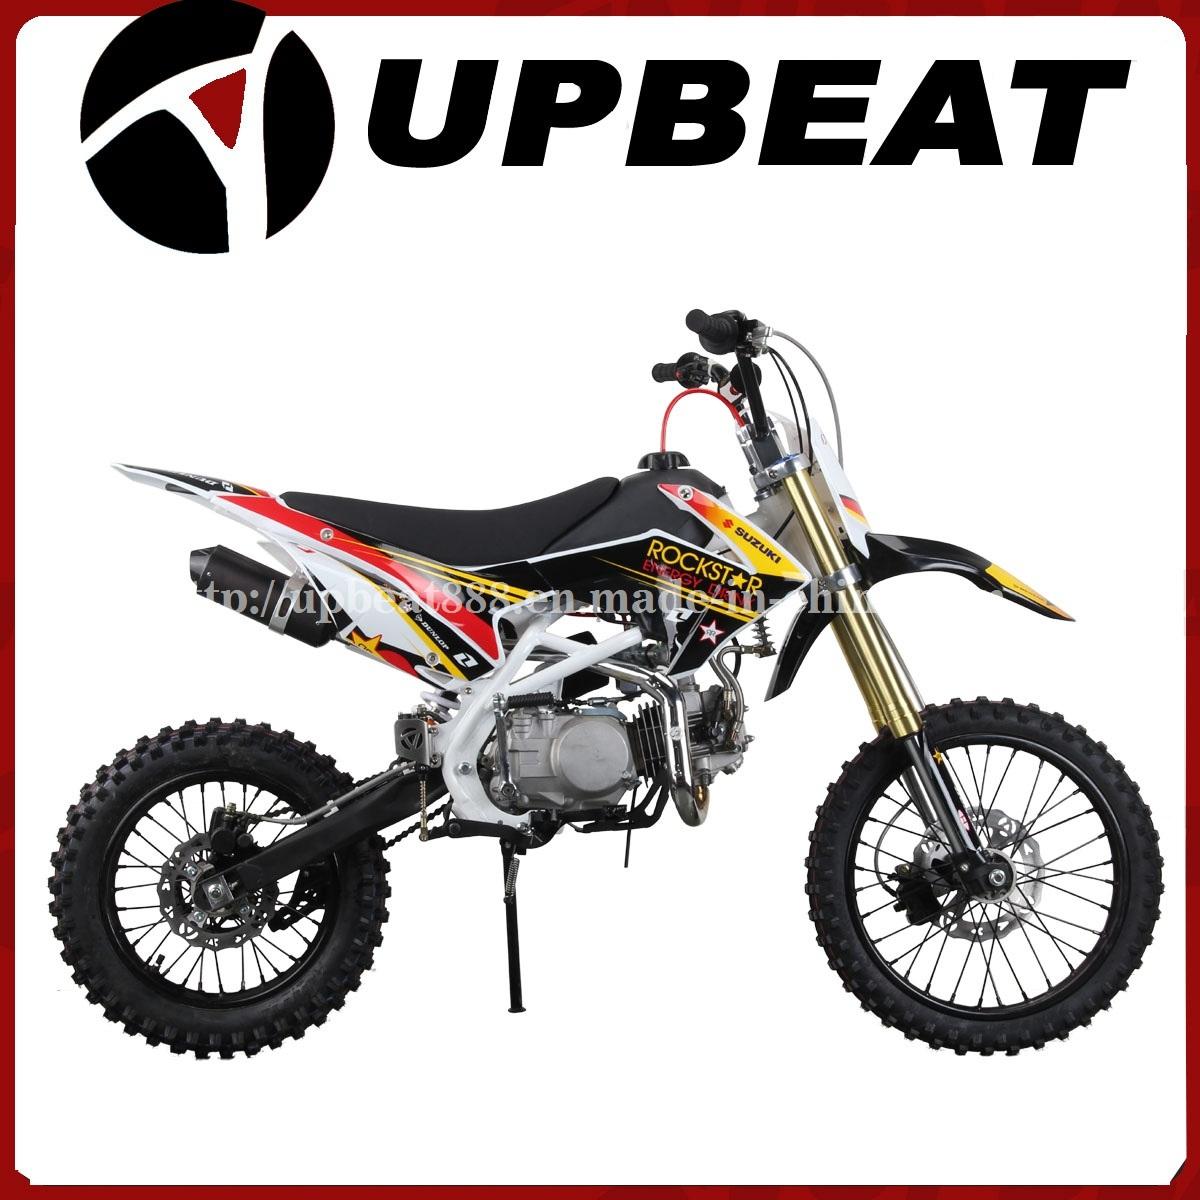 Upbeat 140cc Crf110 Pit Bike Dirt Bike